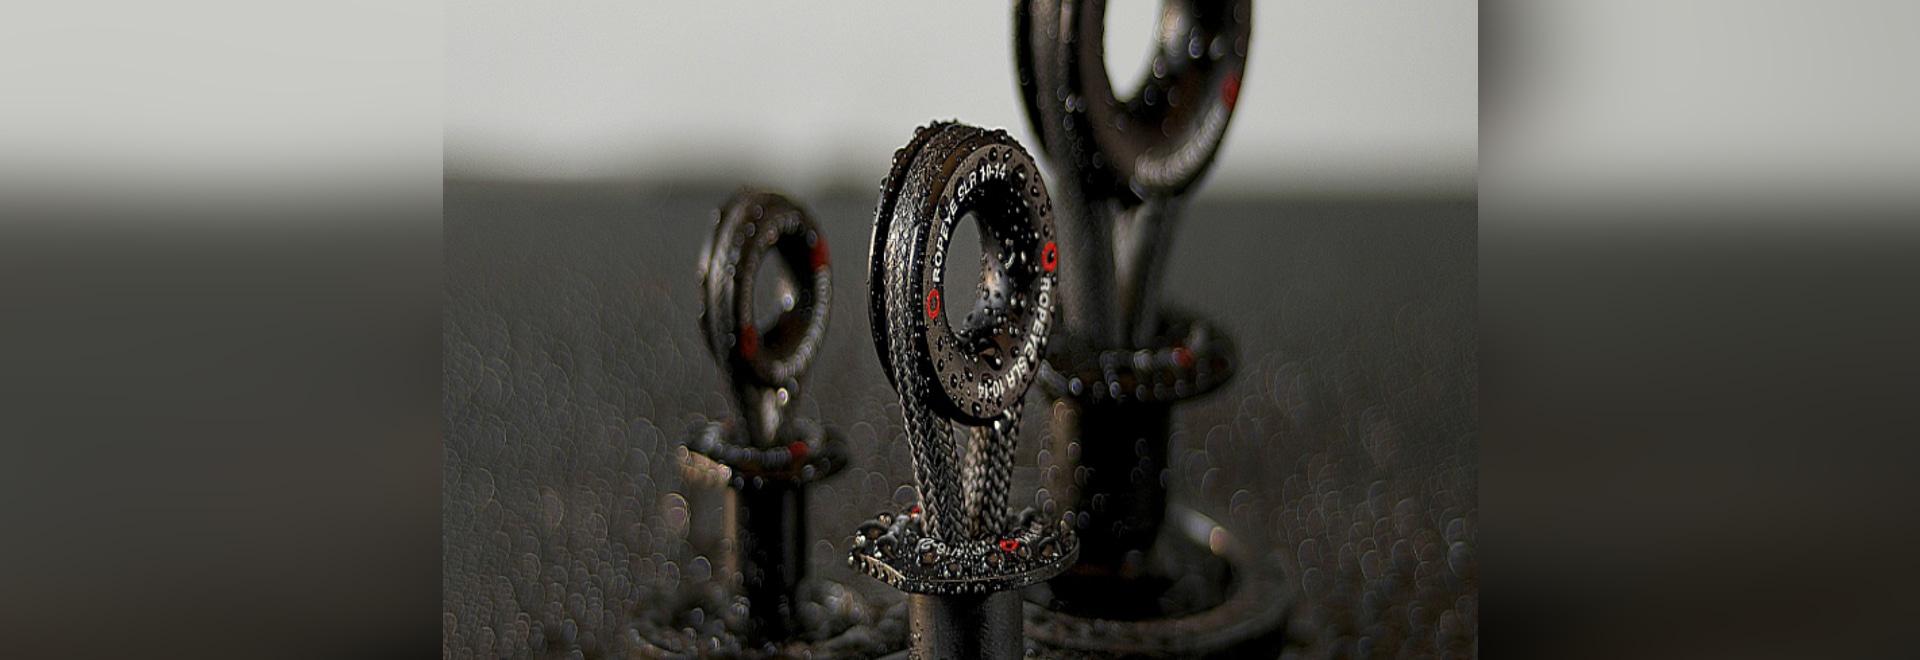 Garnitures : Déplacement de l'acier au textile